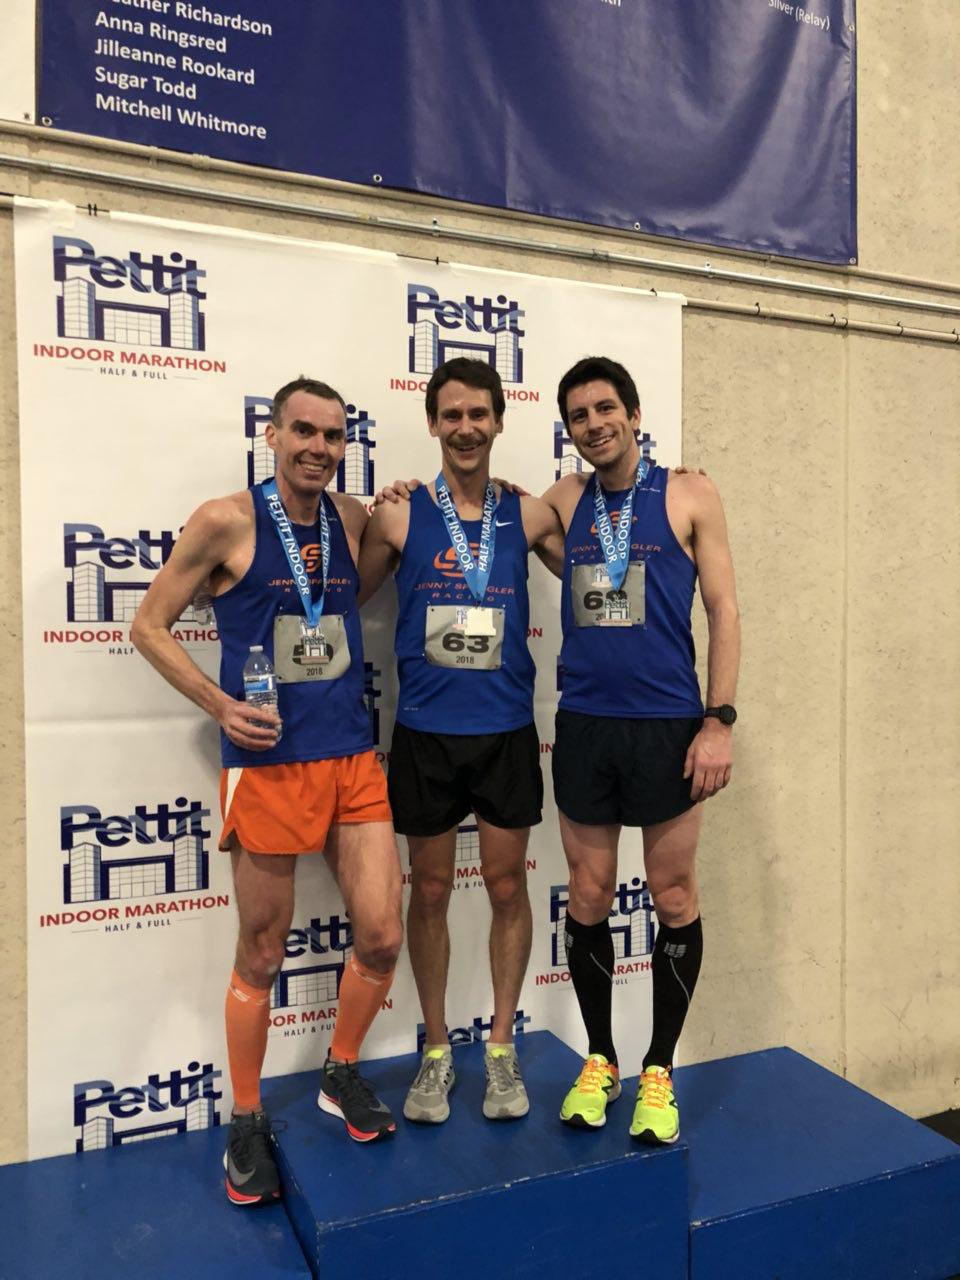 JSR Sweeps Podium at Pettit Indoor Half Marathon!